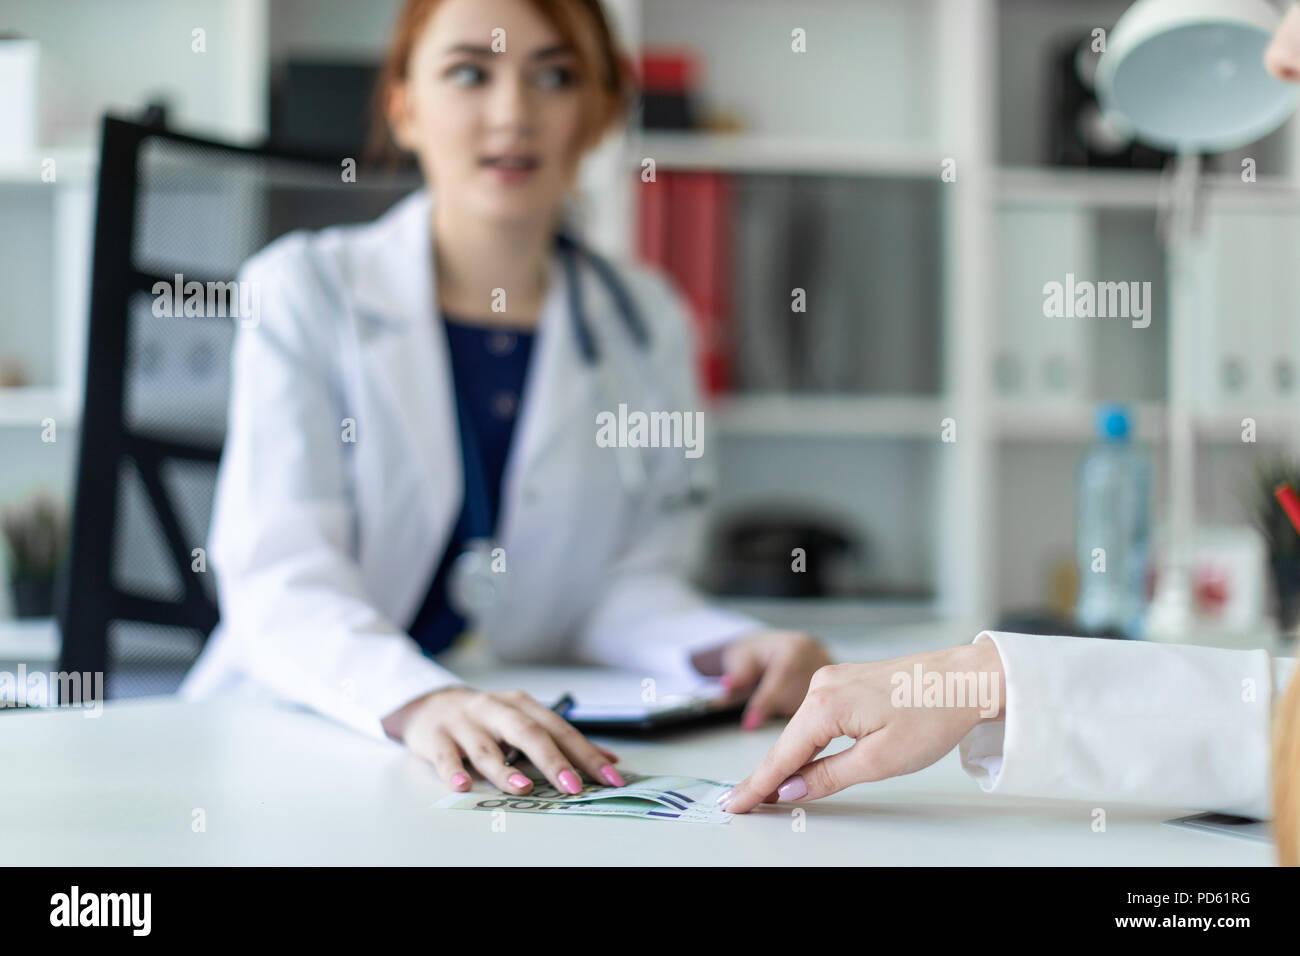 Una hermosa joven vestida con una túnica blanca está sentado en el escritorio de la oficina y la comunicación con el interlocutor. El interlocutor da la chica de dinero. Foto de stock